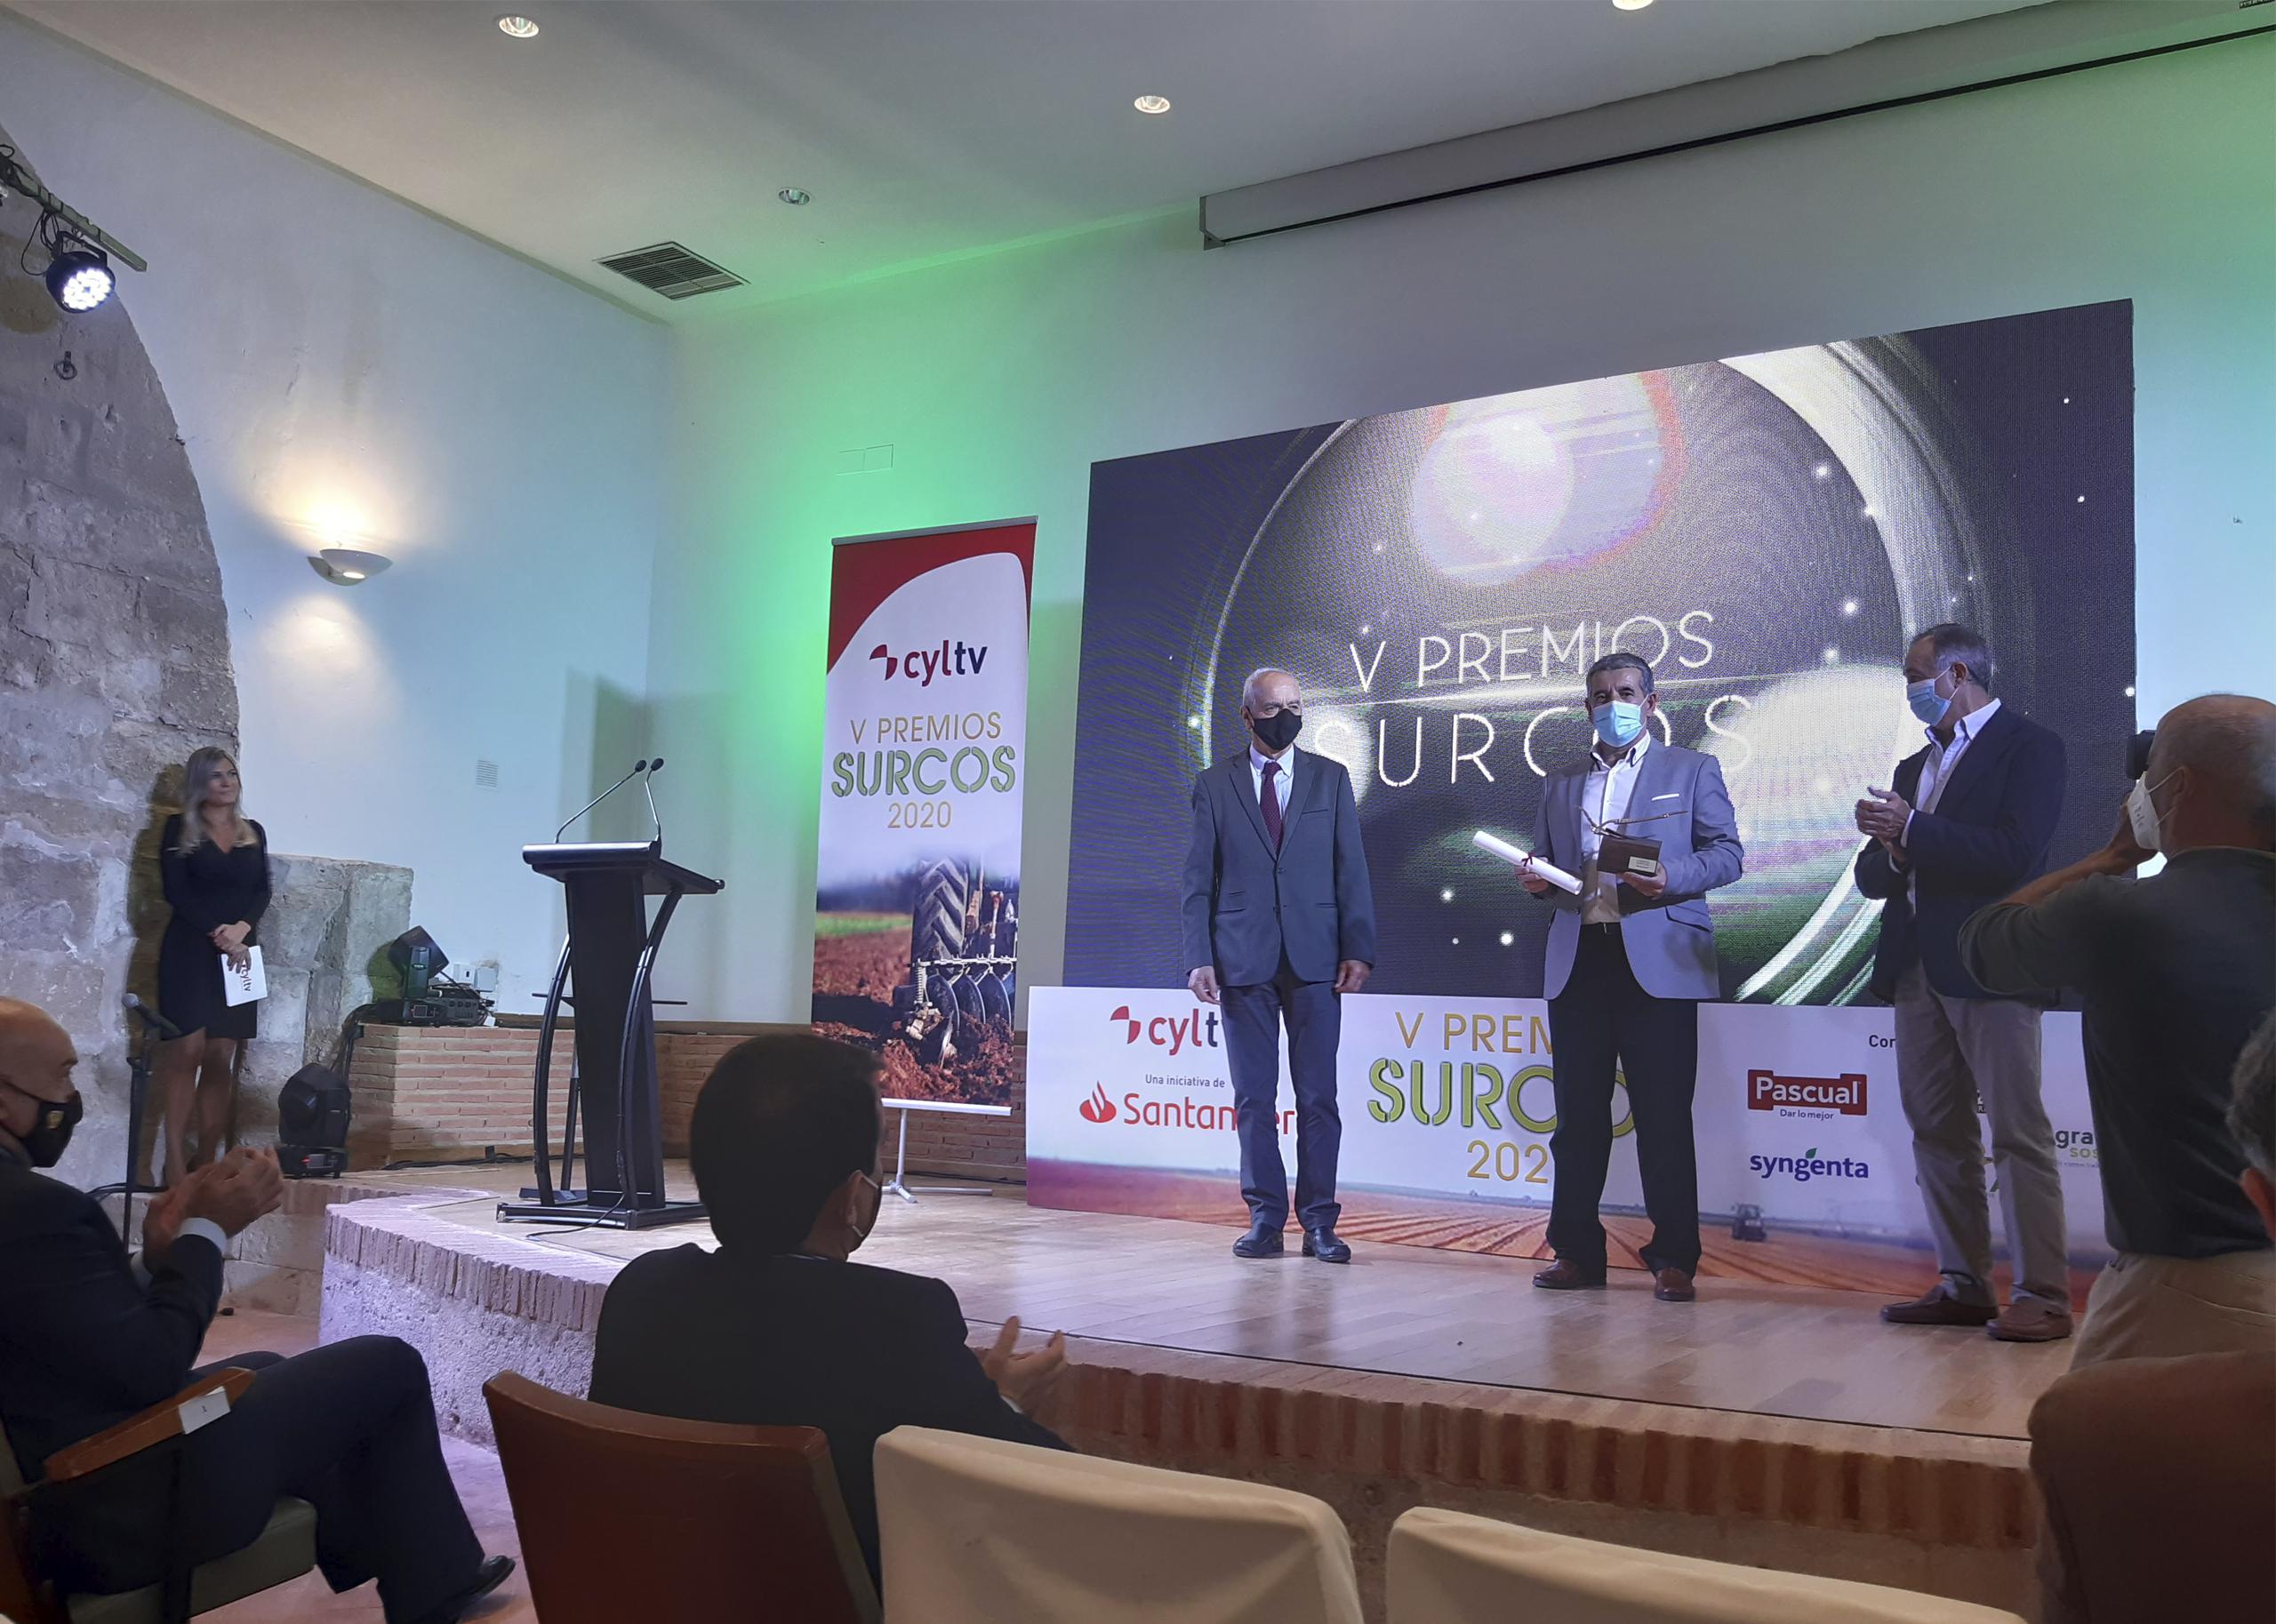 Entrega de premios en la gala de Surcos